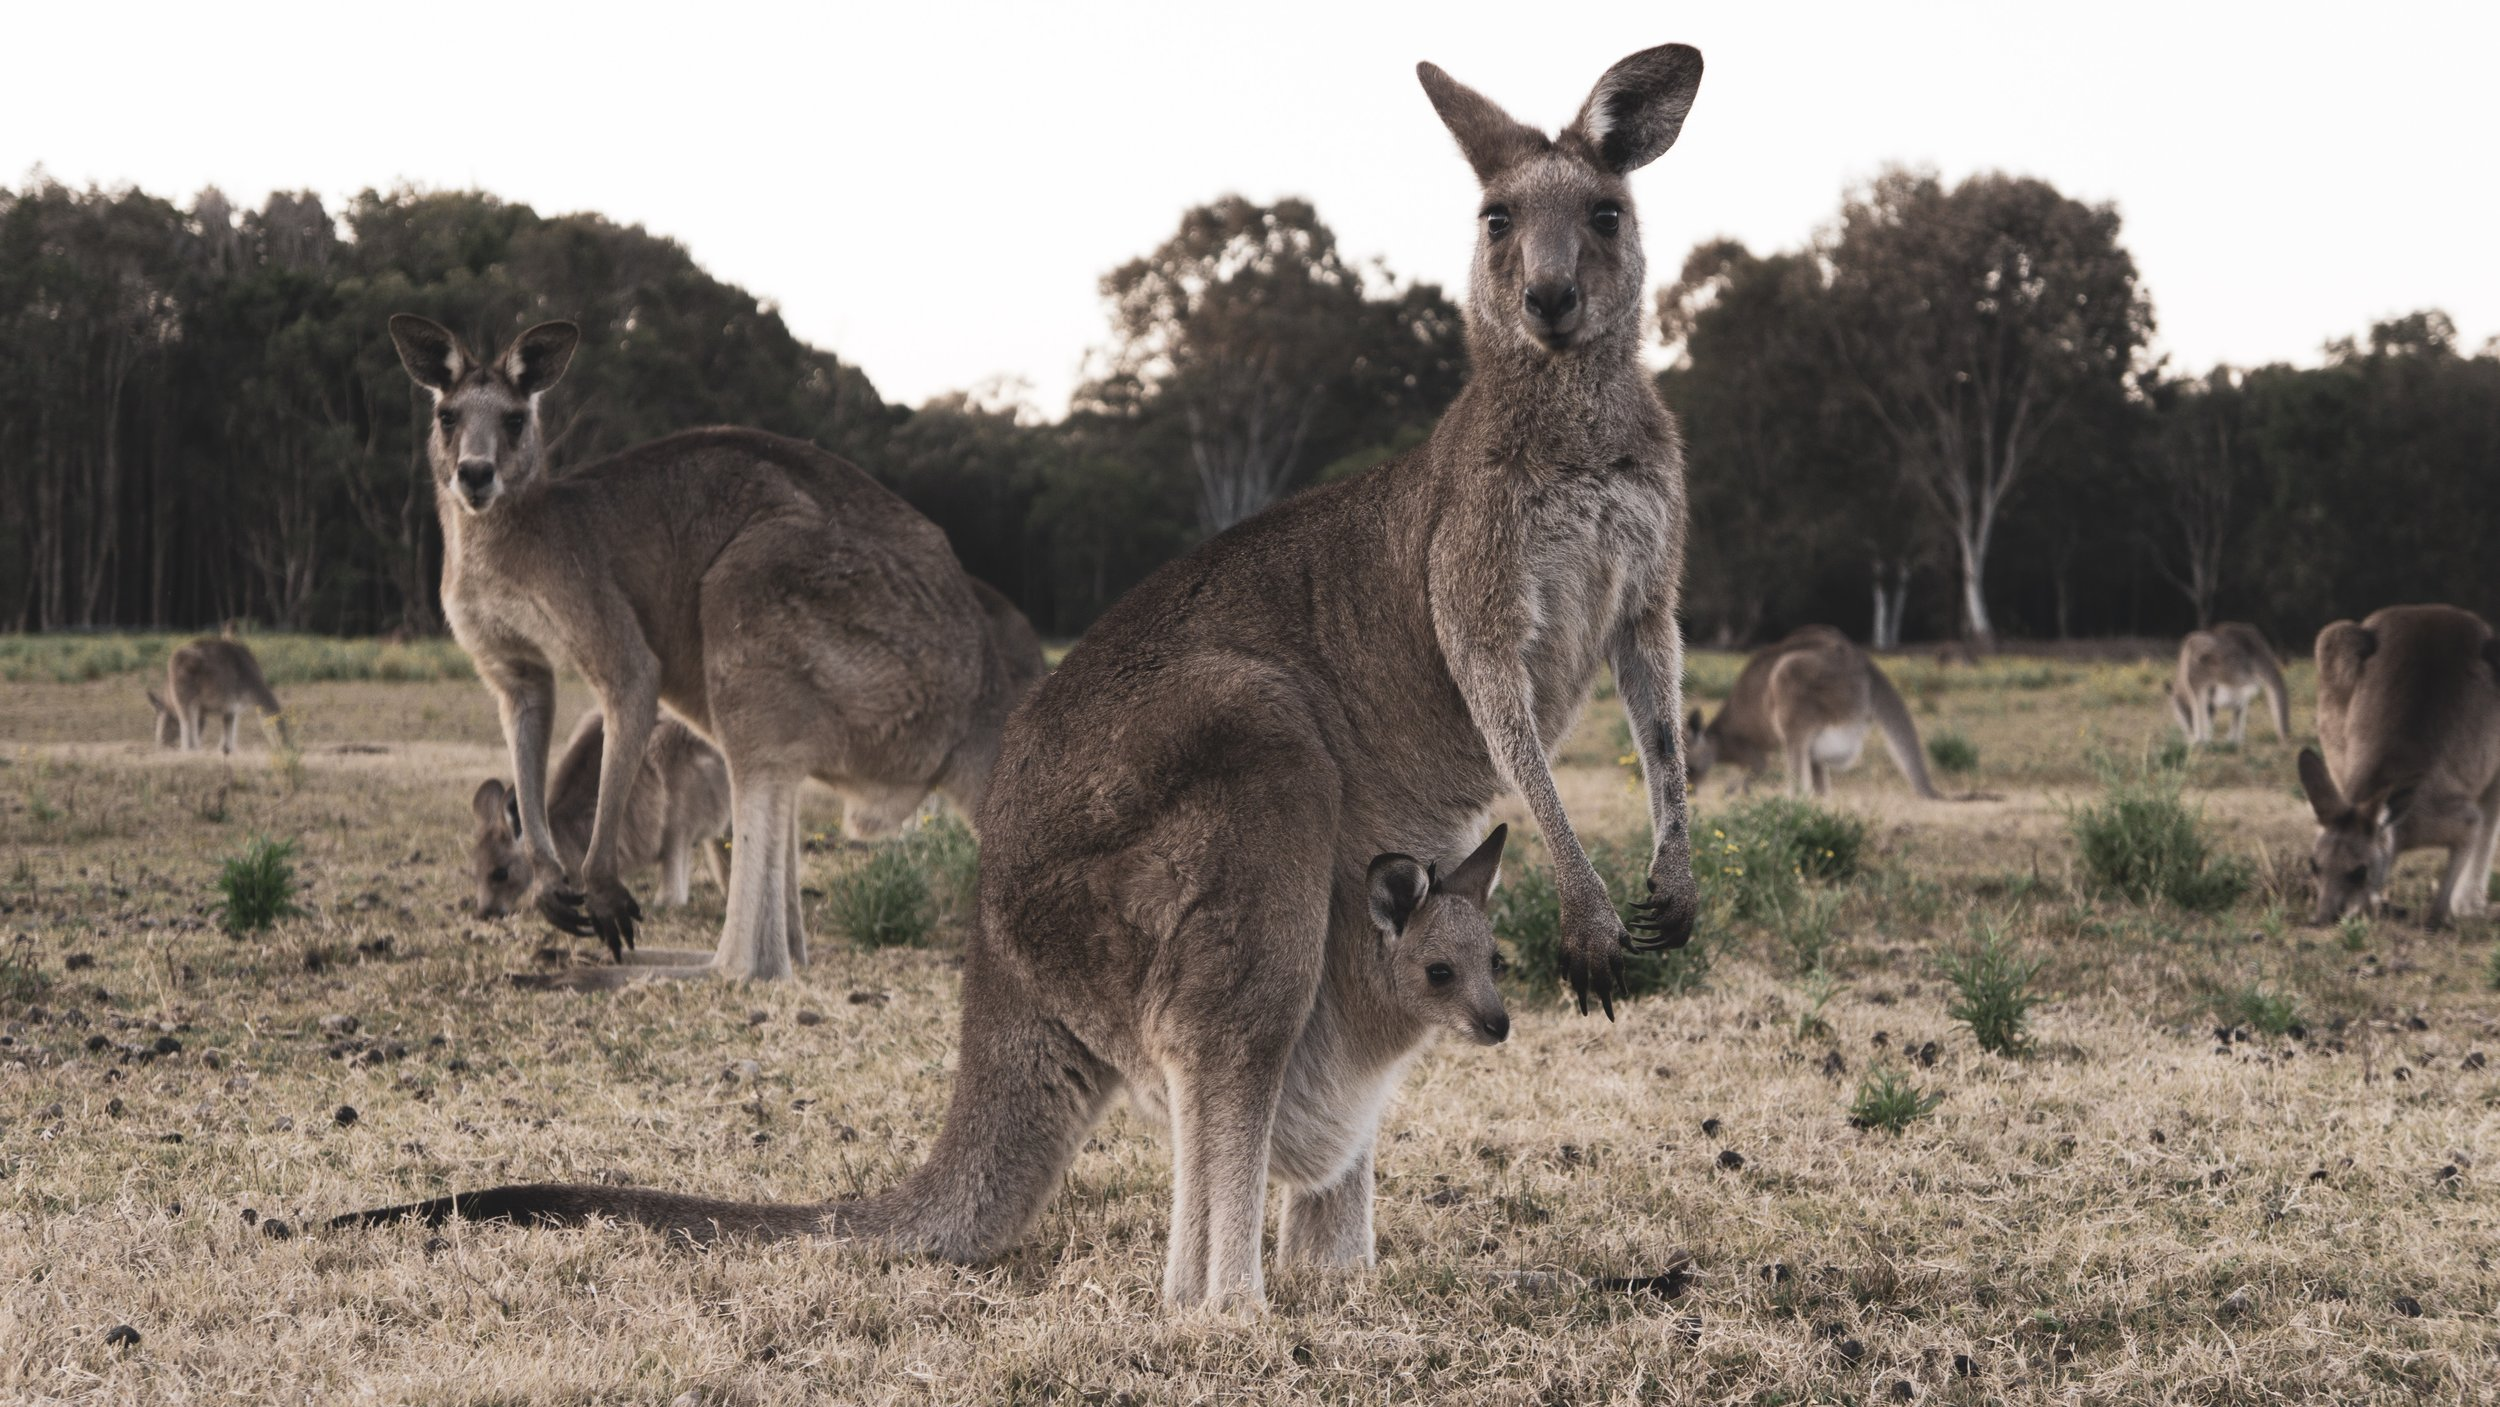 Kangaroos, Australia - What it was like: Wildlife Research Volunteer Project